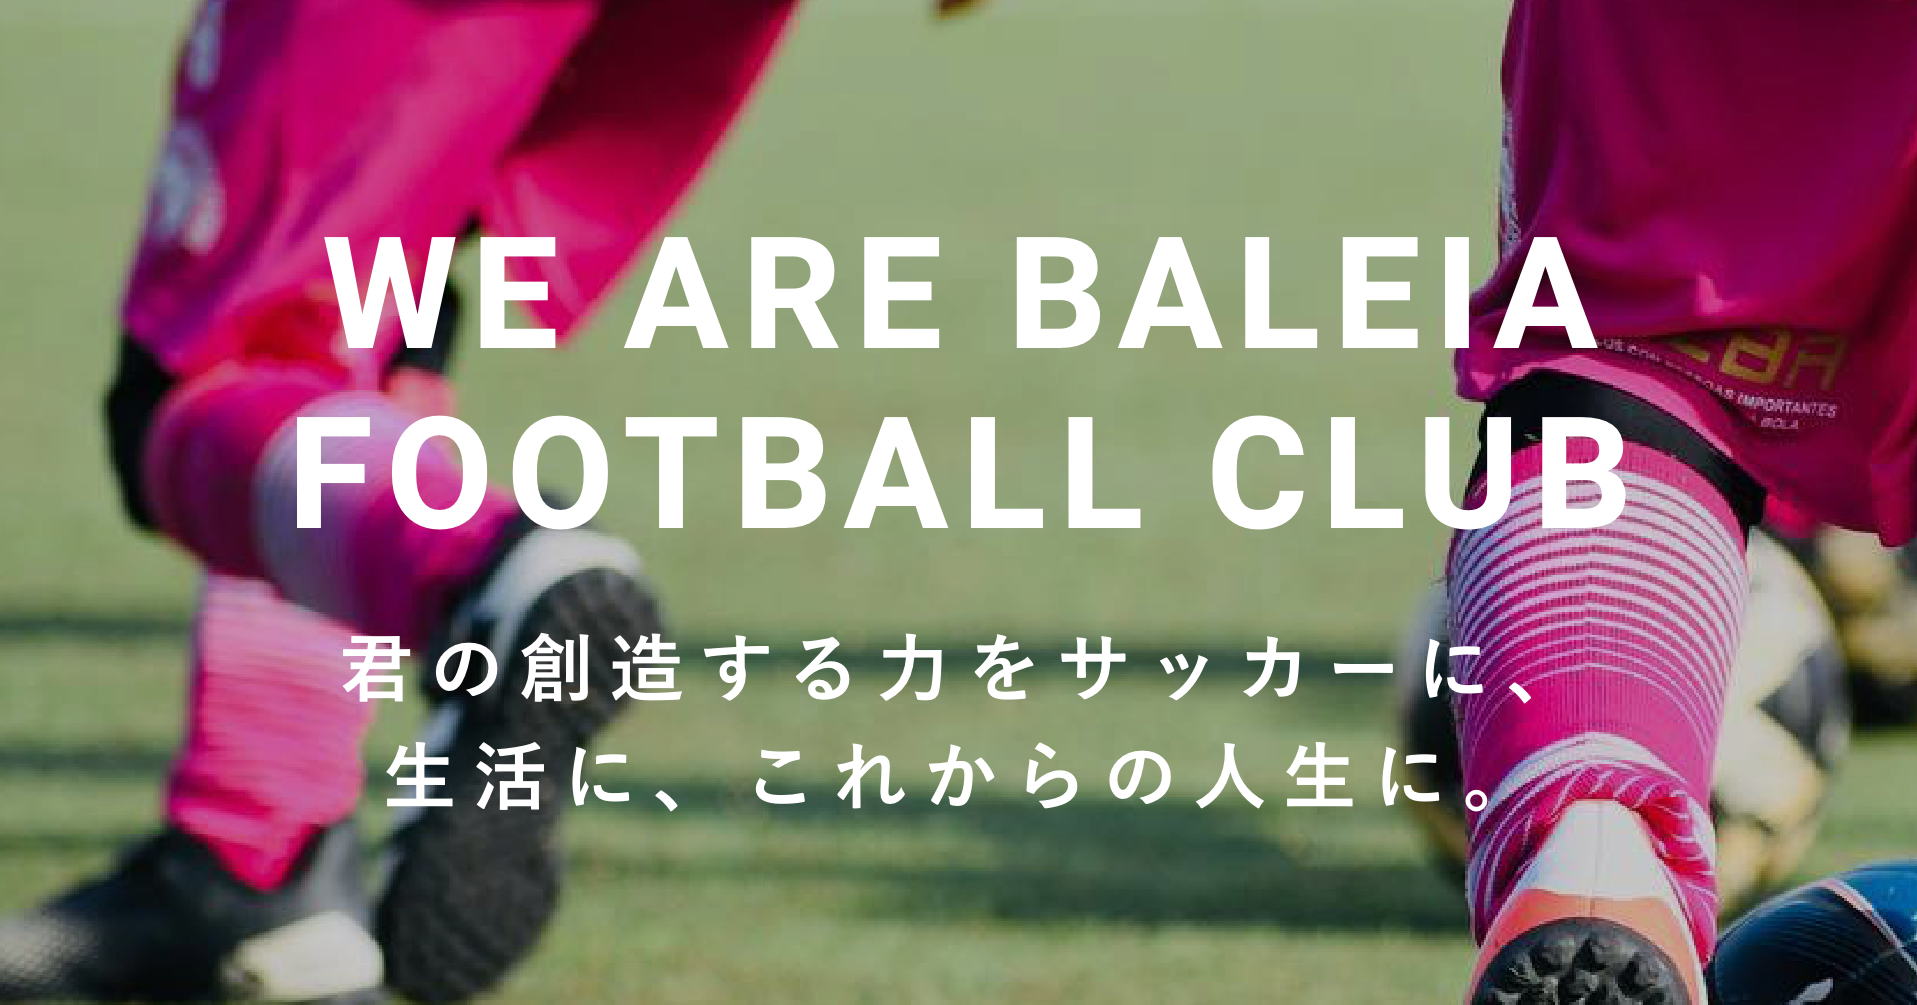 Sc バレイア バレイアSC(熊本)が頂点 夕刊デイリーWeb ヘッドラインニュース